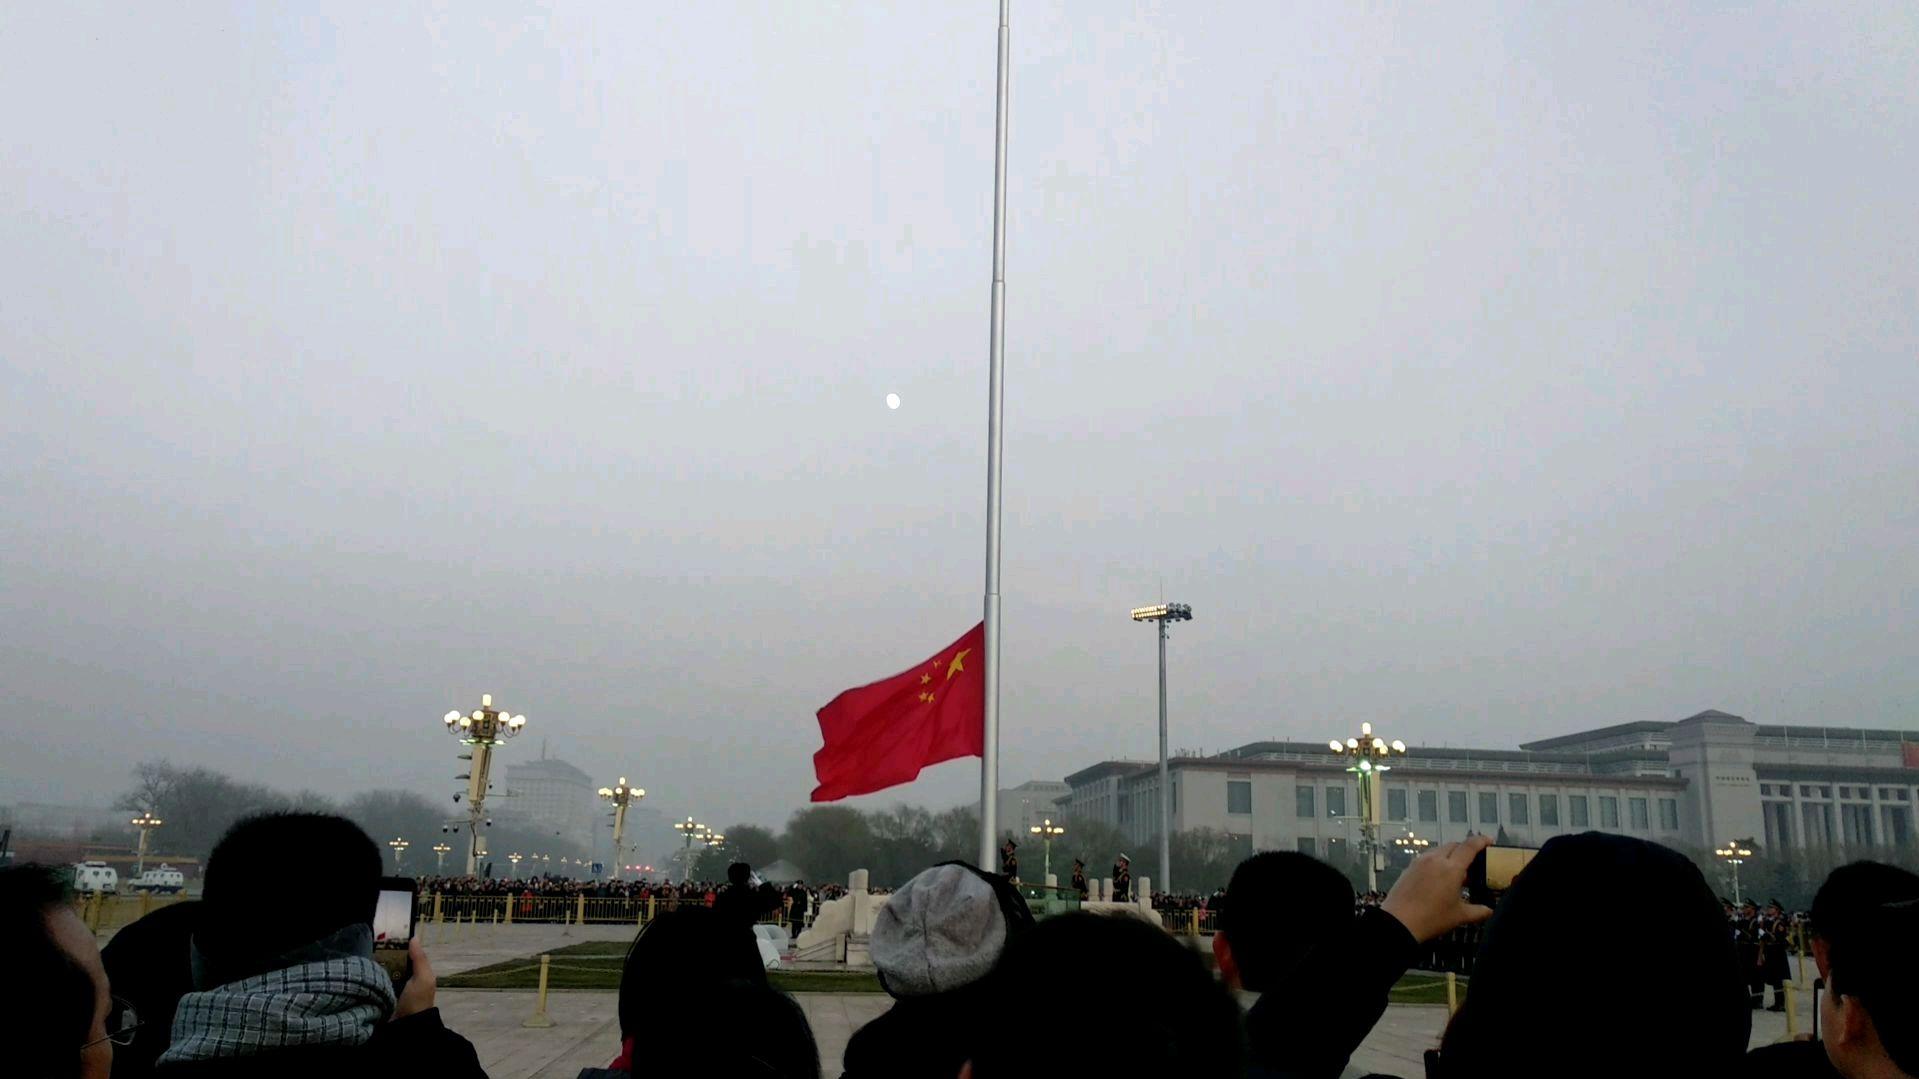 2019年12月10日16时45分,天安门广场降旗仪式,记录神圣时刻!